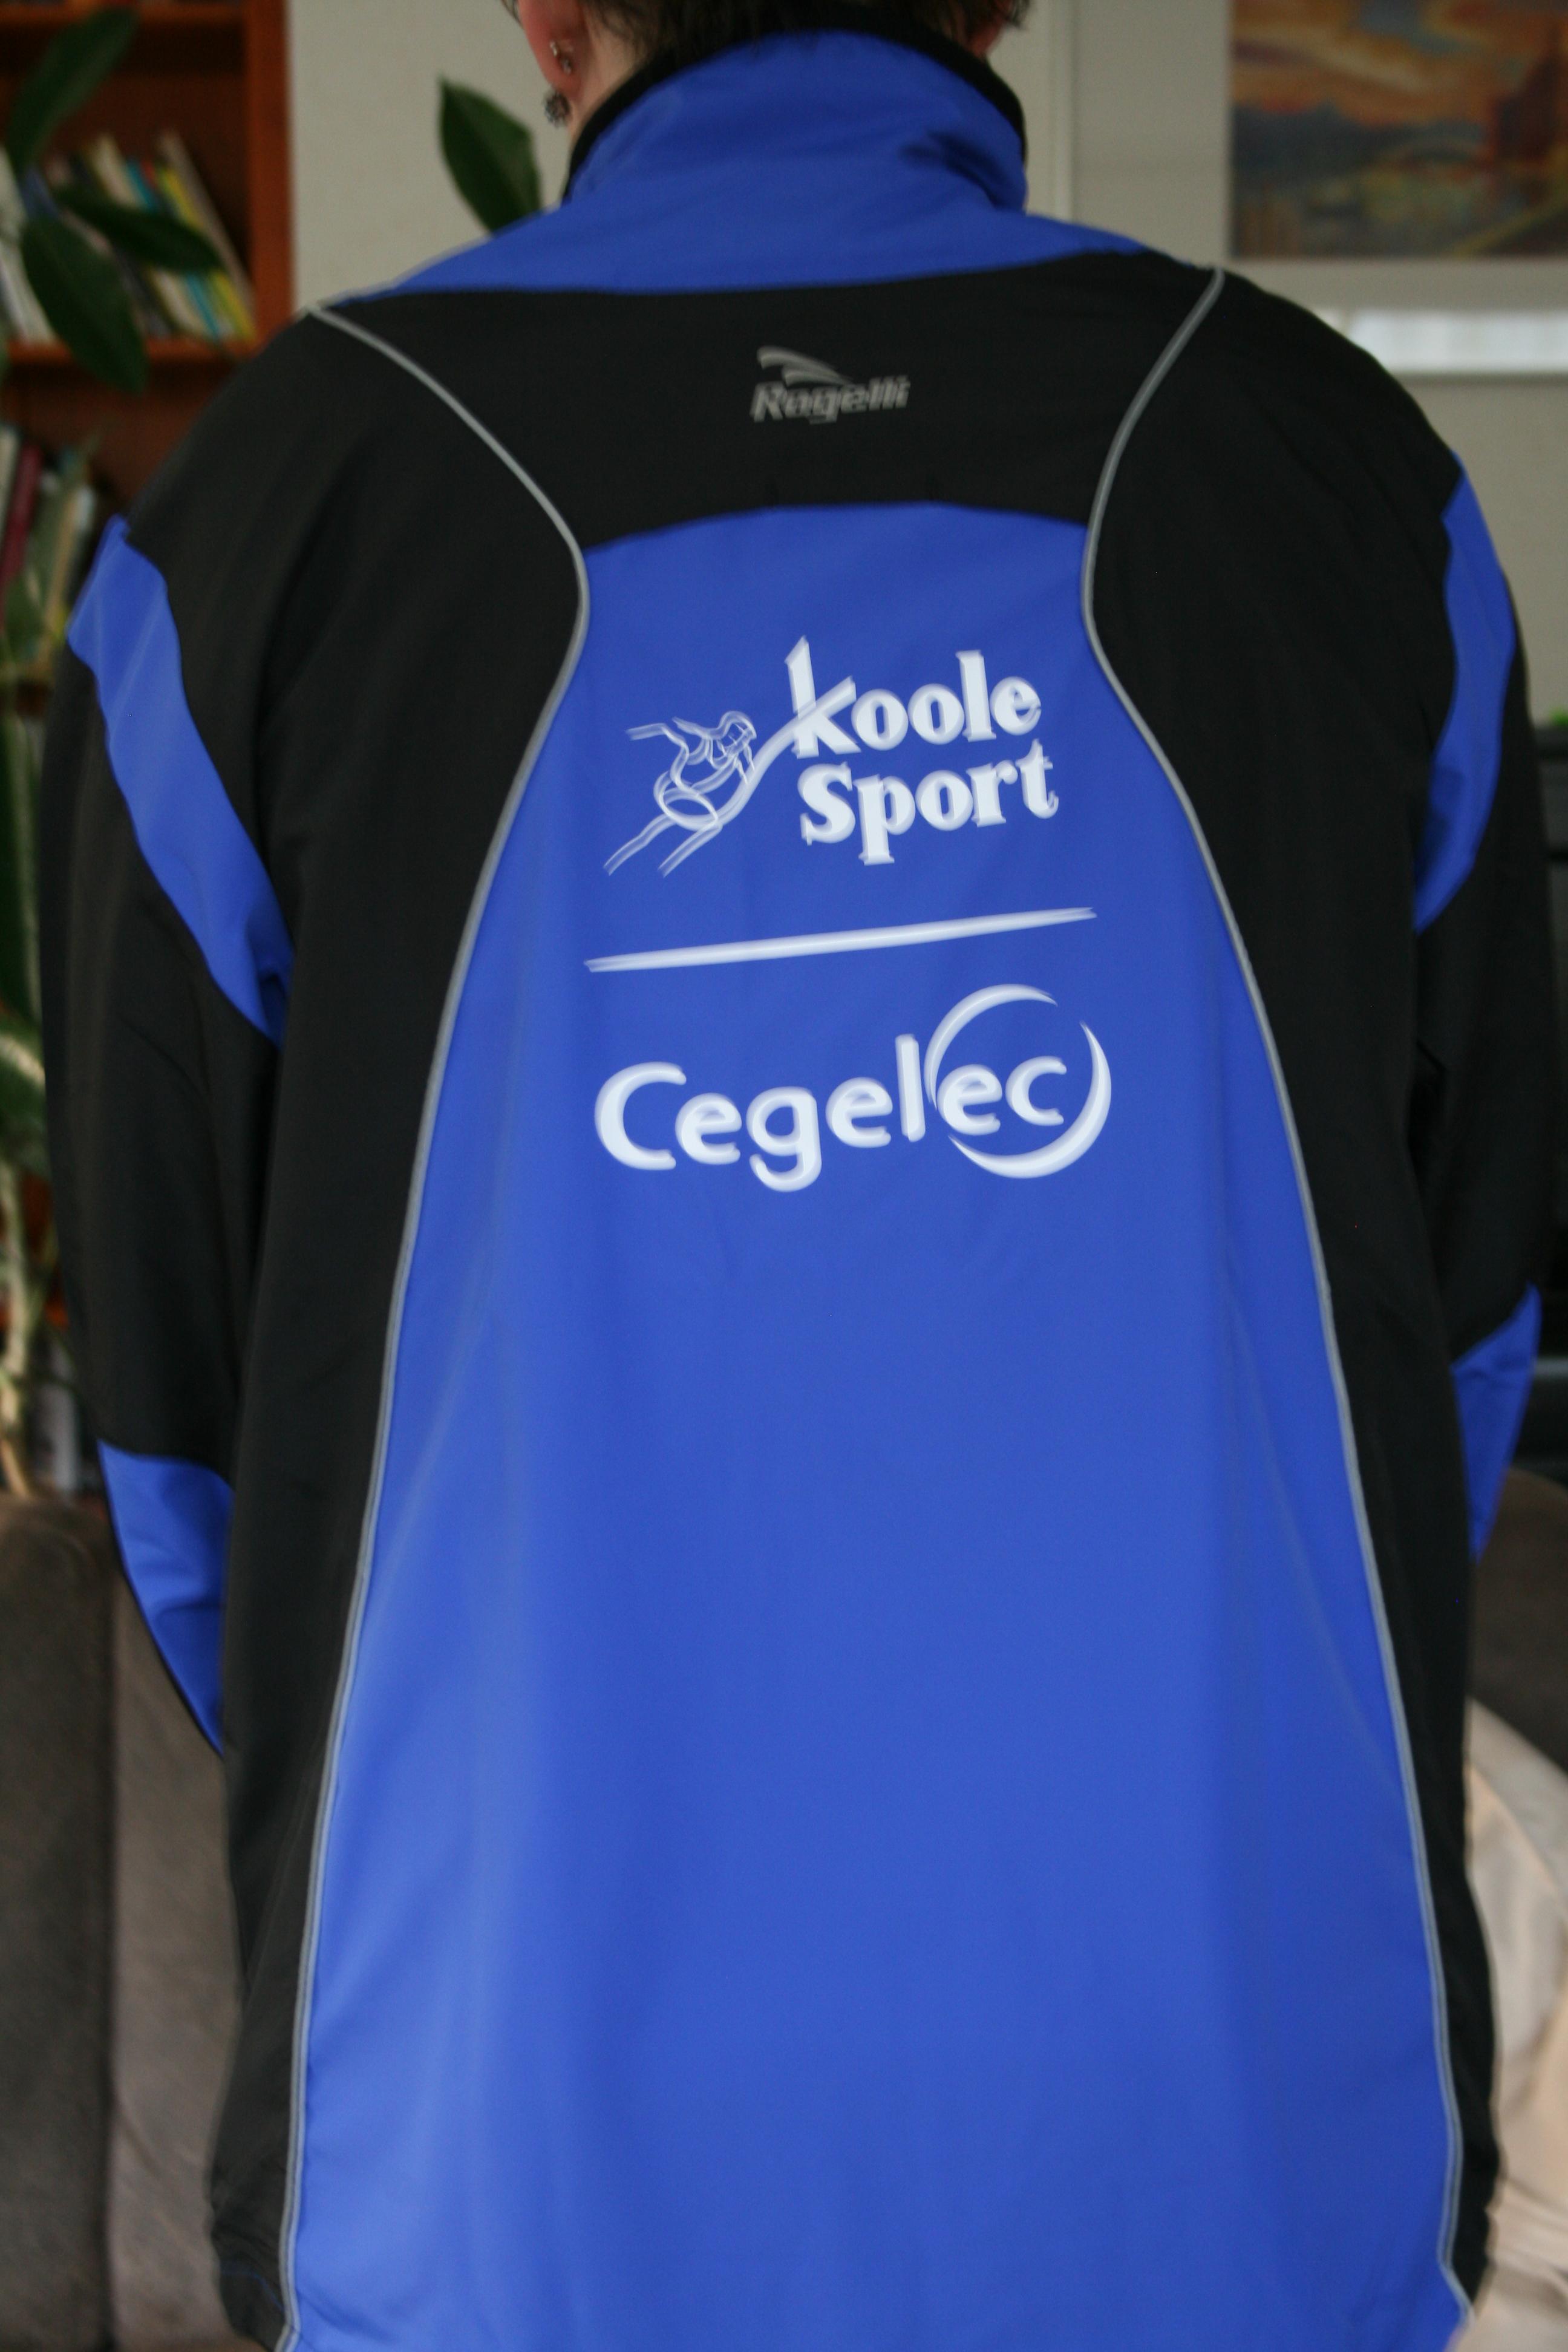 f52f3cbcd66 Het Teamjack is inmiddels in de bekende kleur blauw van ons team9. Wij  bedanken Koolesport voor de kleding en de PWG voor het bedrukken.